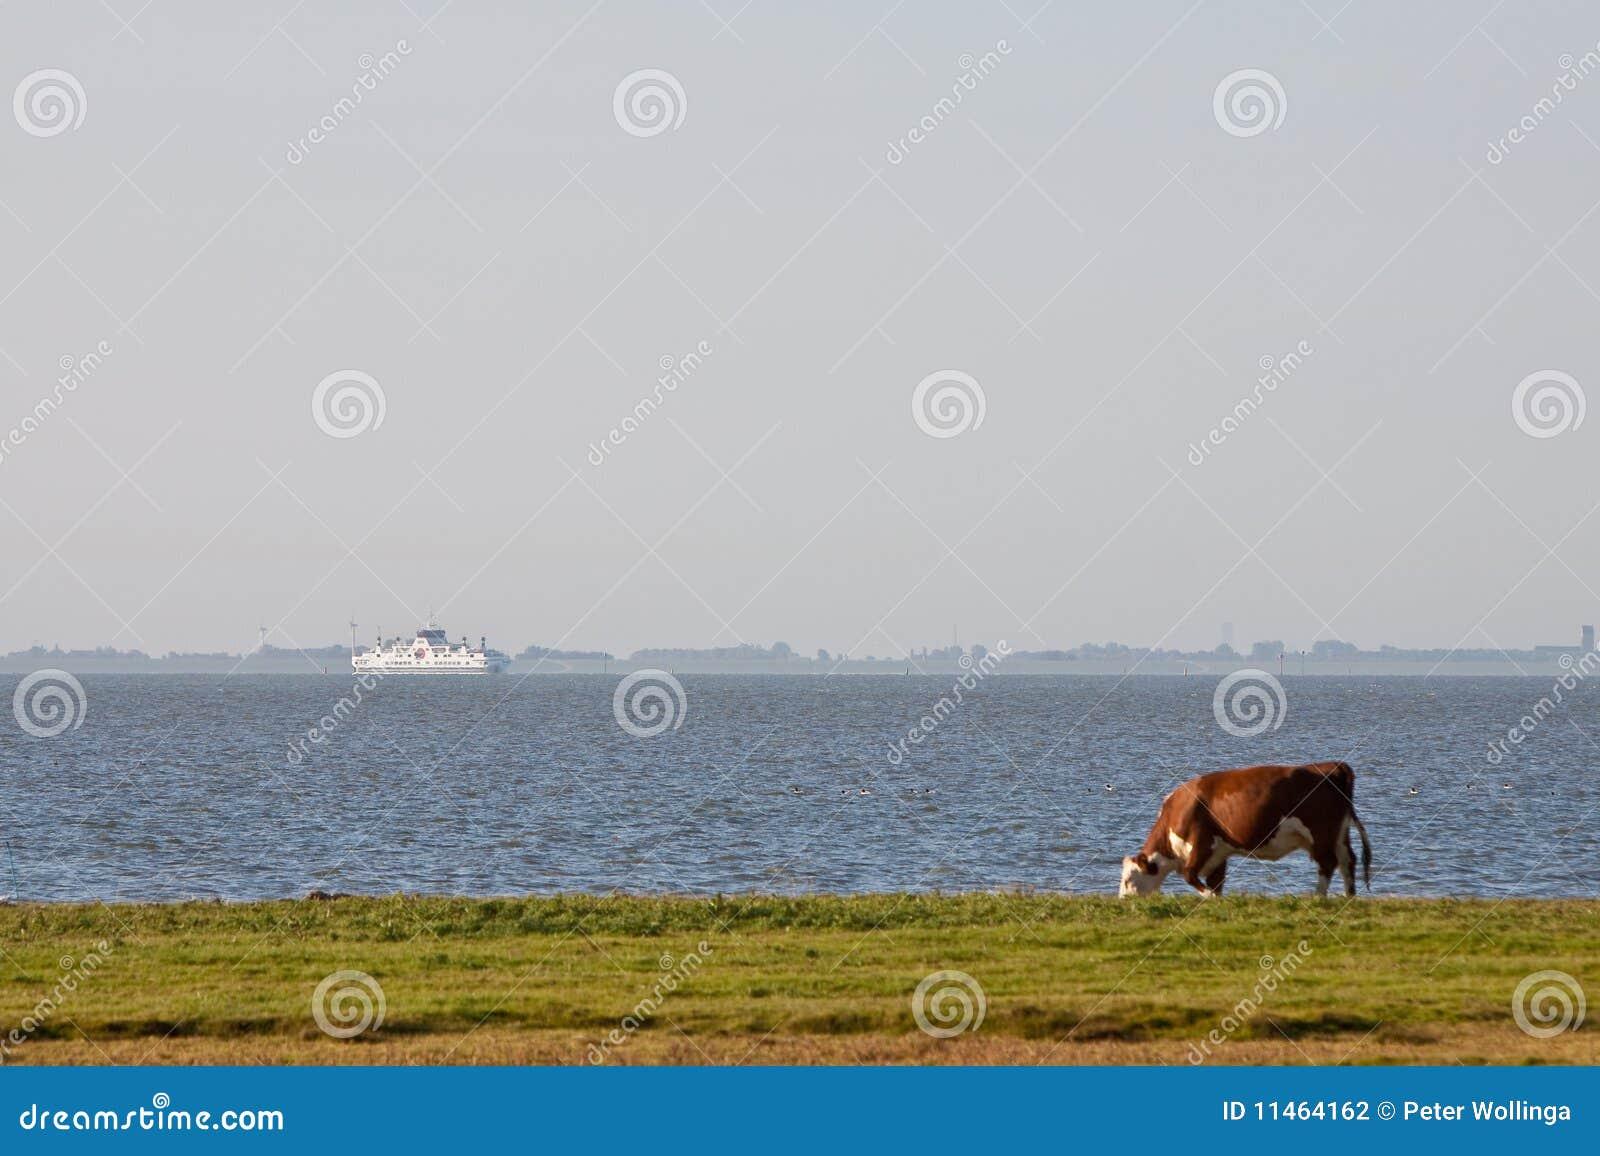 Het weiden van de koe in een landbouwgrond dichtbij water